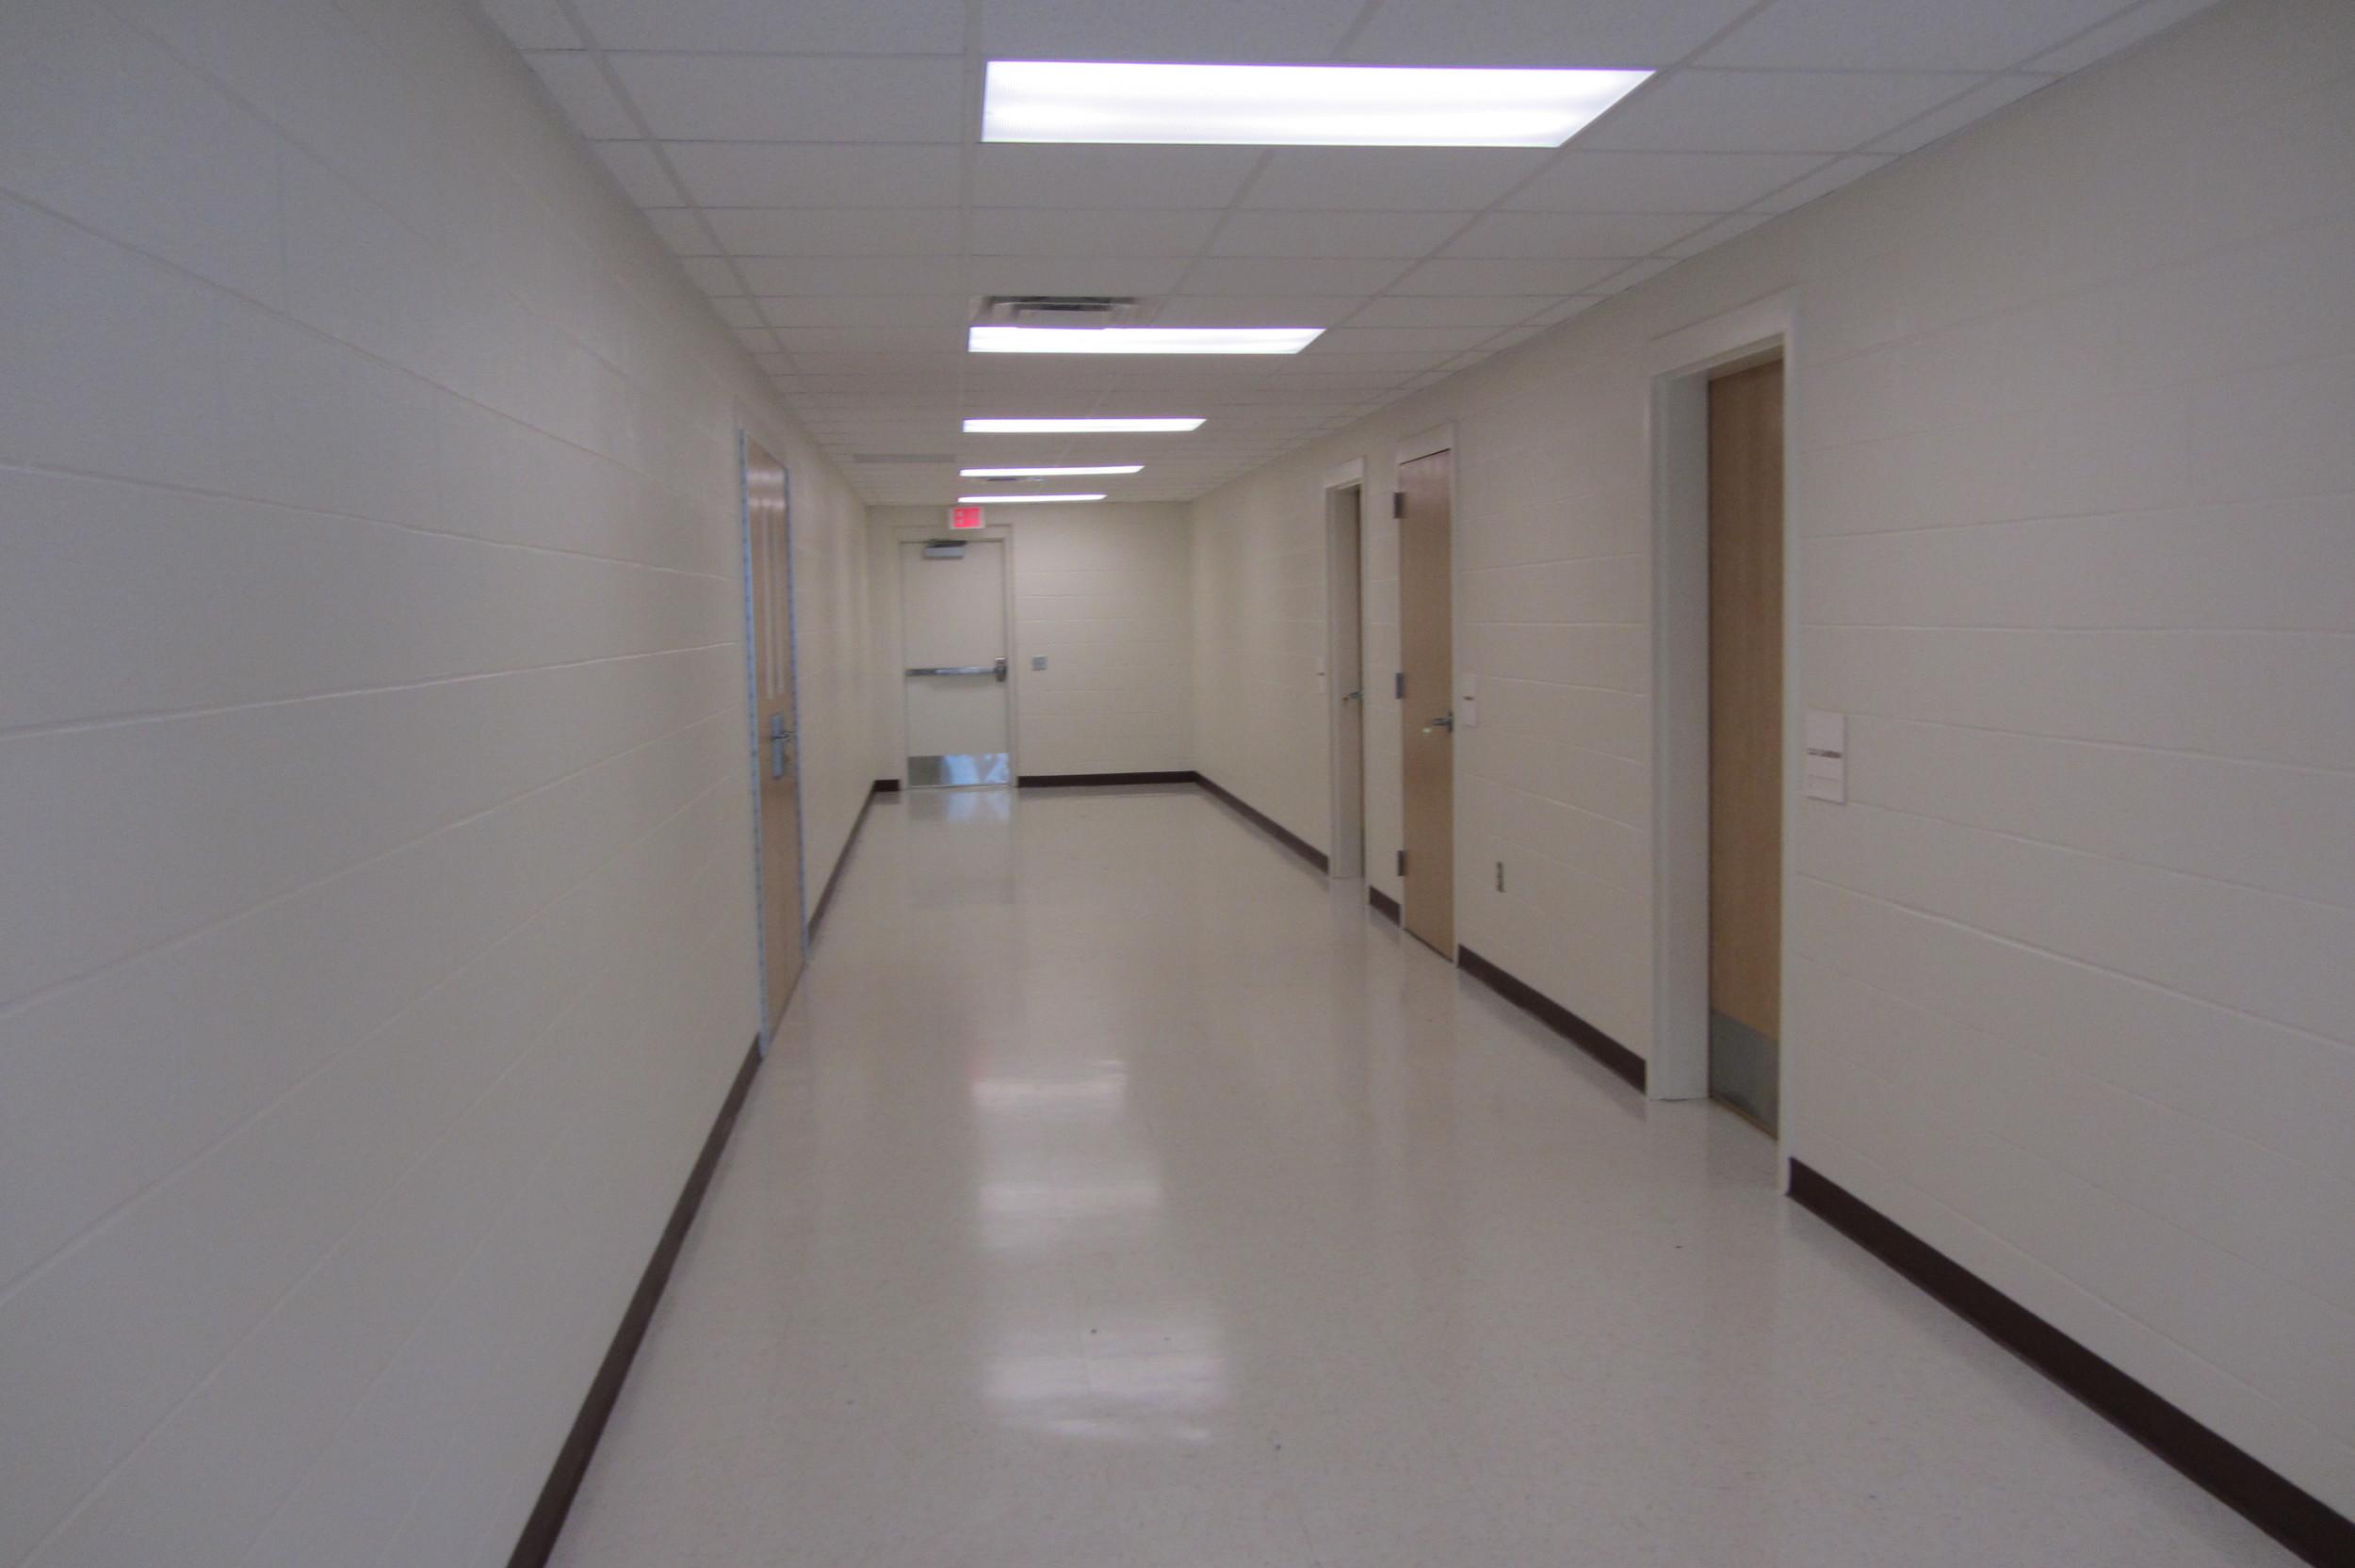 St. Peters Classroom Add 4.jpg